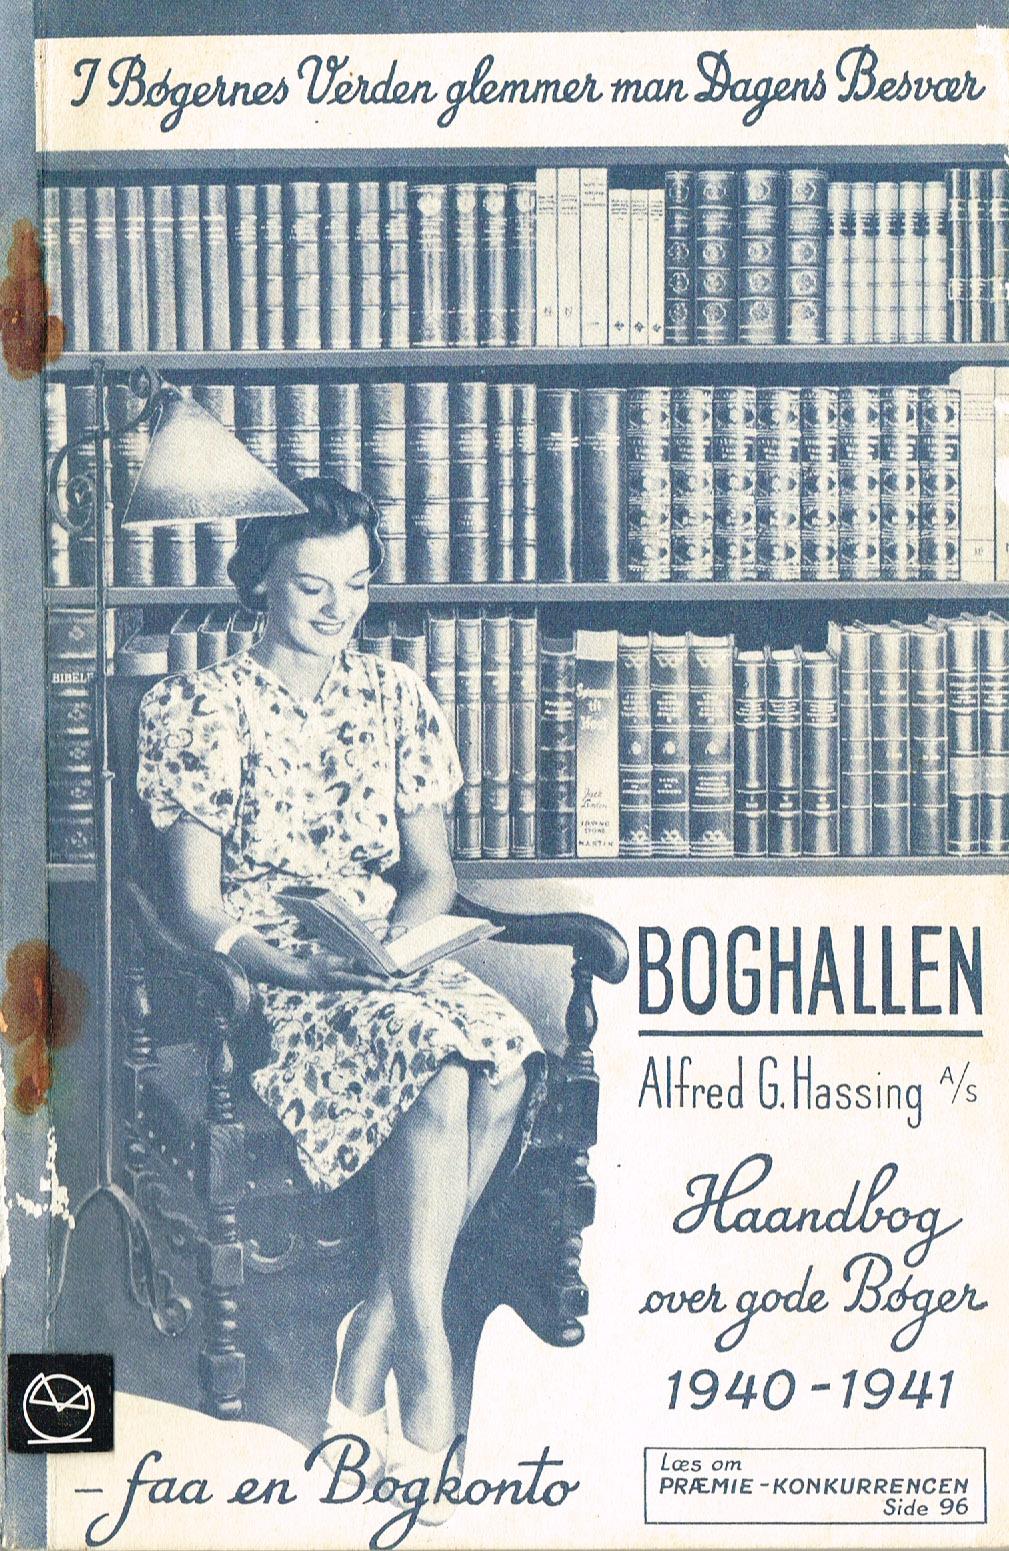 Boghallen Haandbog over gode bøger 1940-41